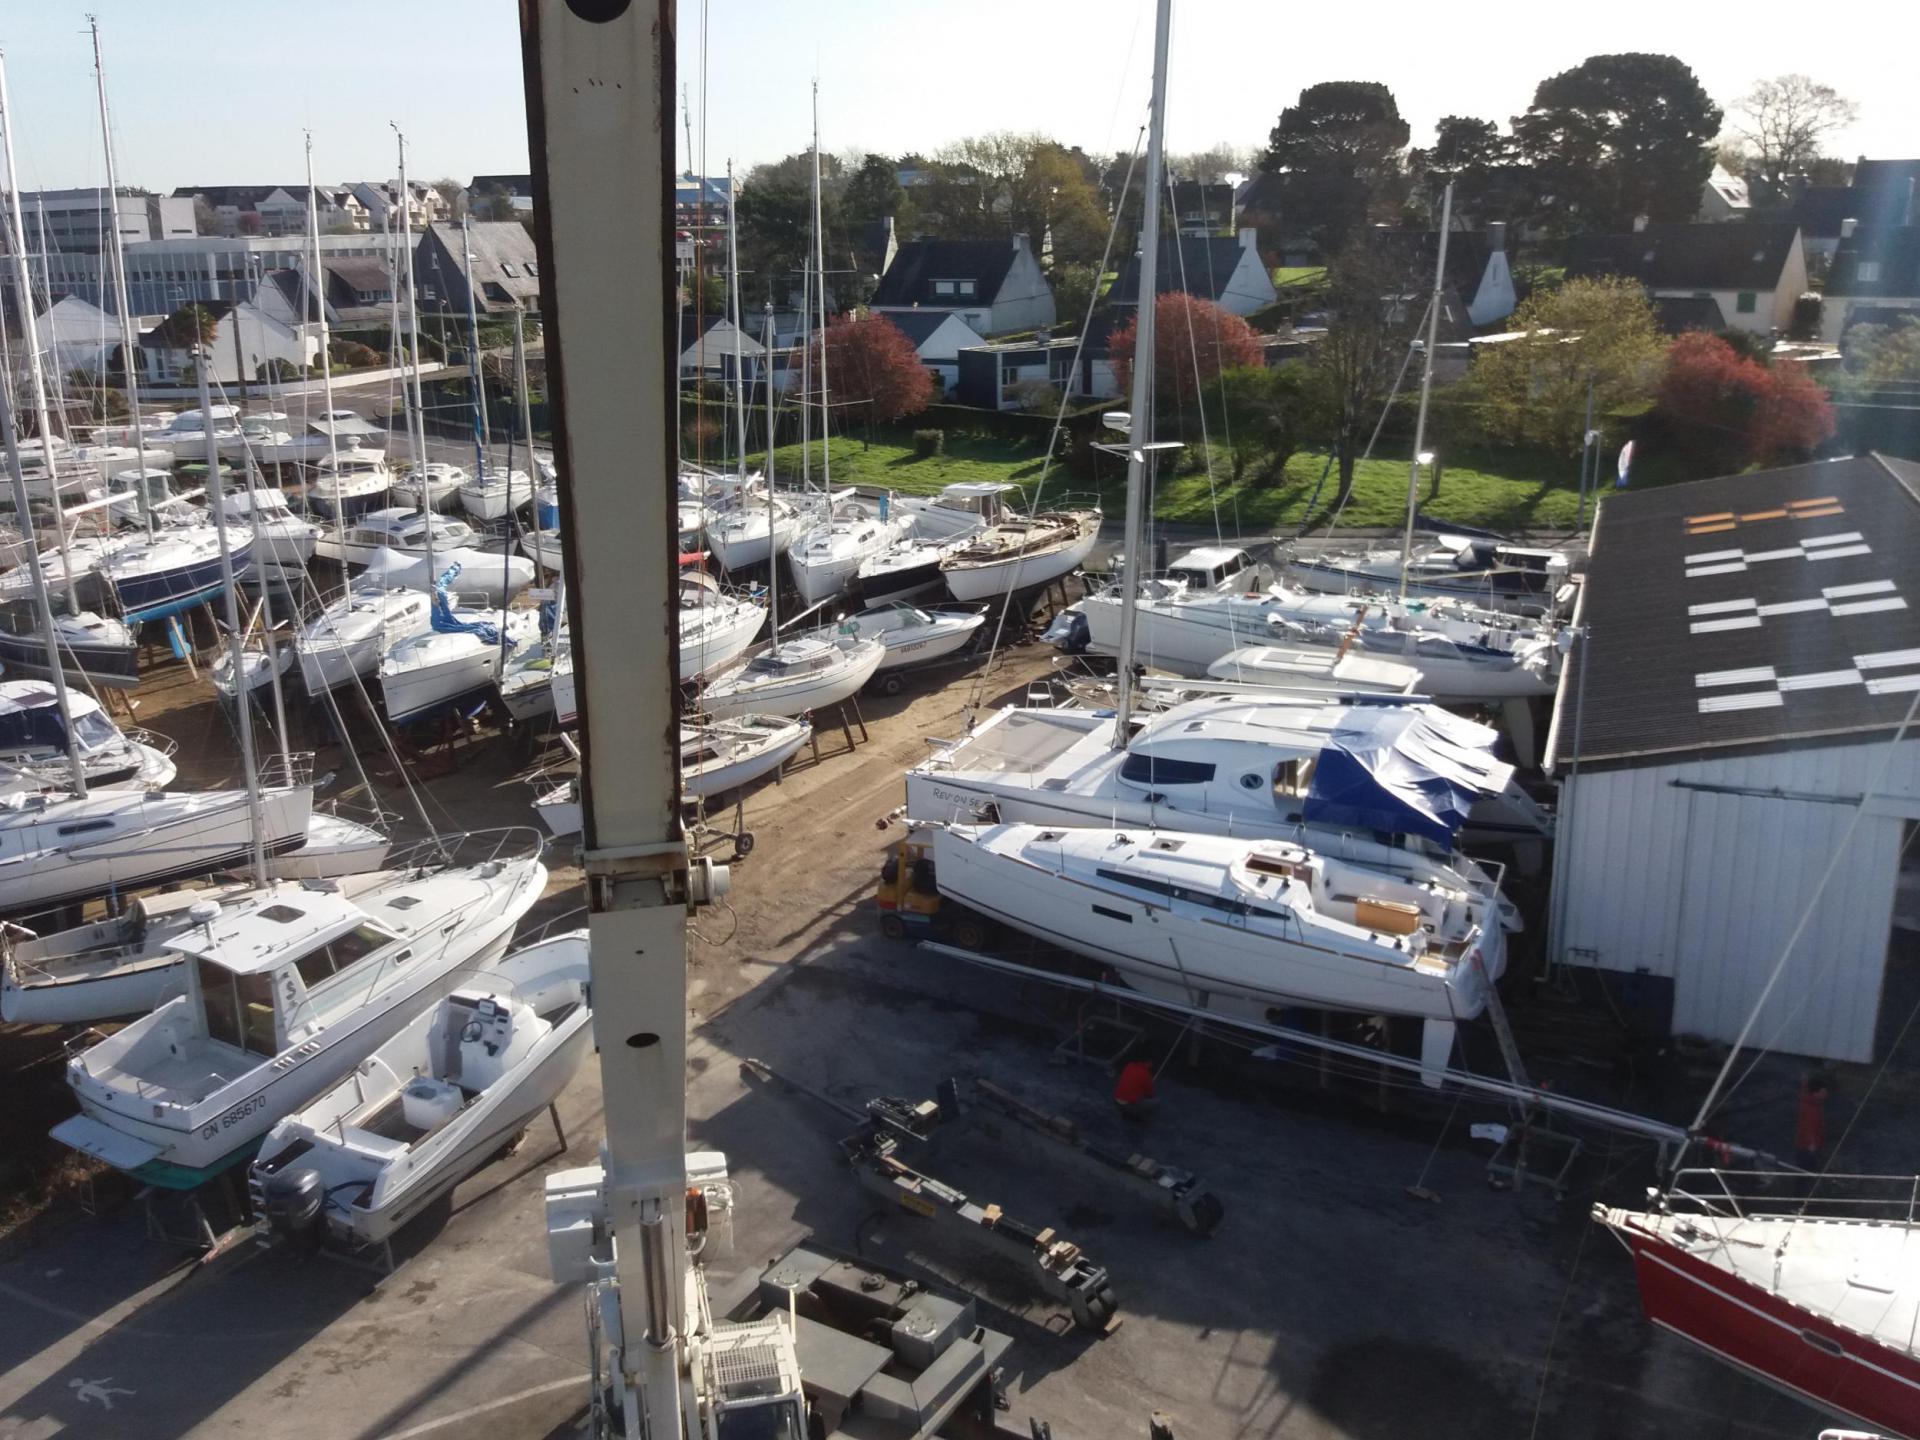 Quillage matage de bateau à Vannes Morbihan France